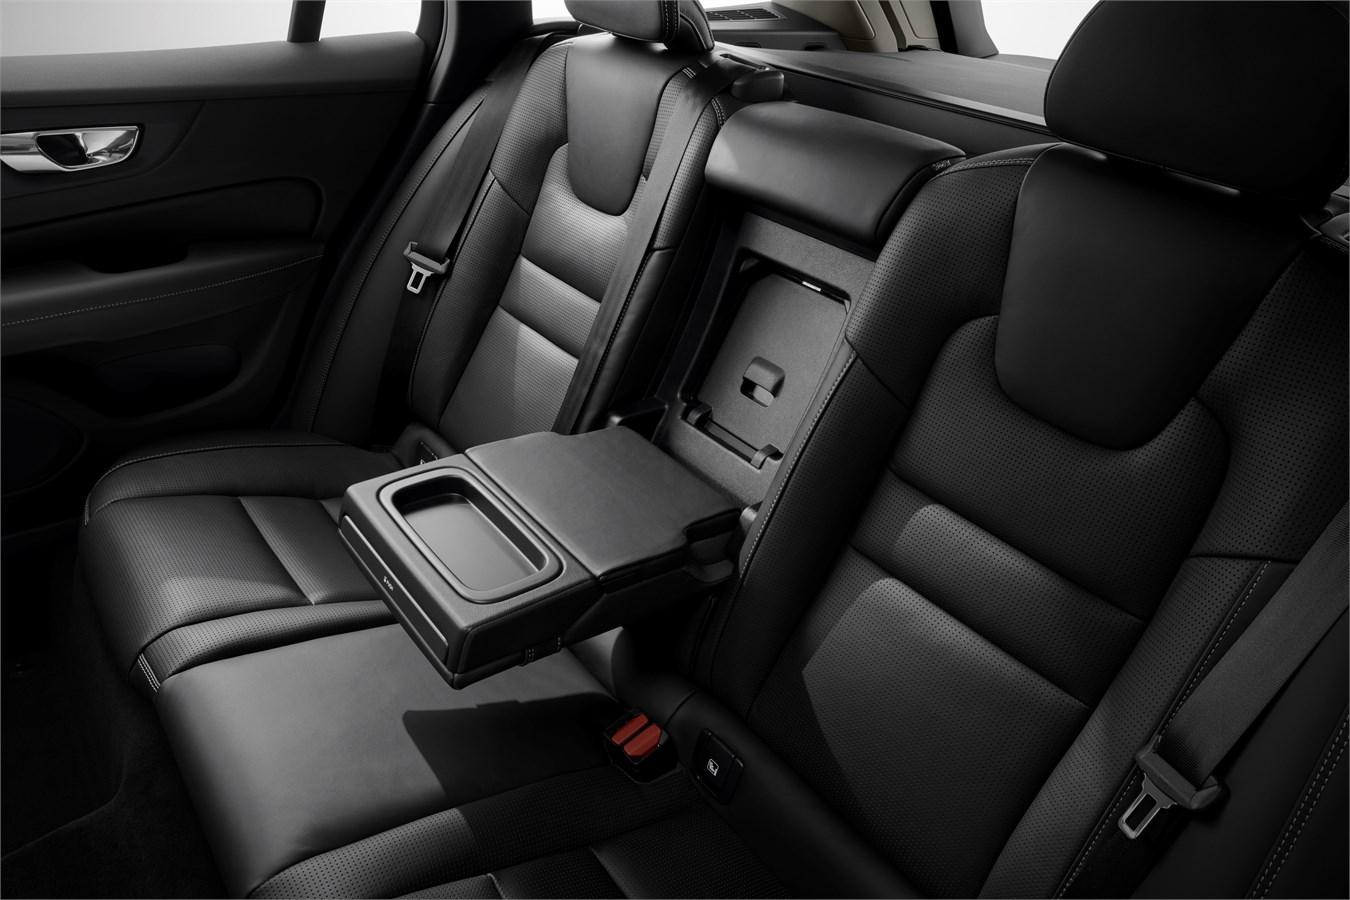 New Volvo V60 interior - Volvo Car Group Global Media Newsroom